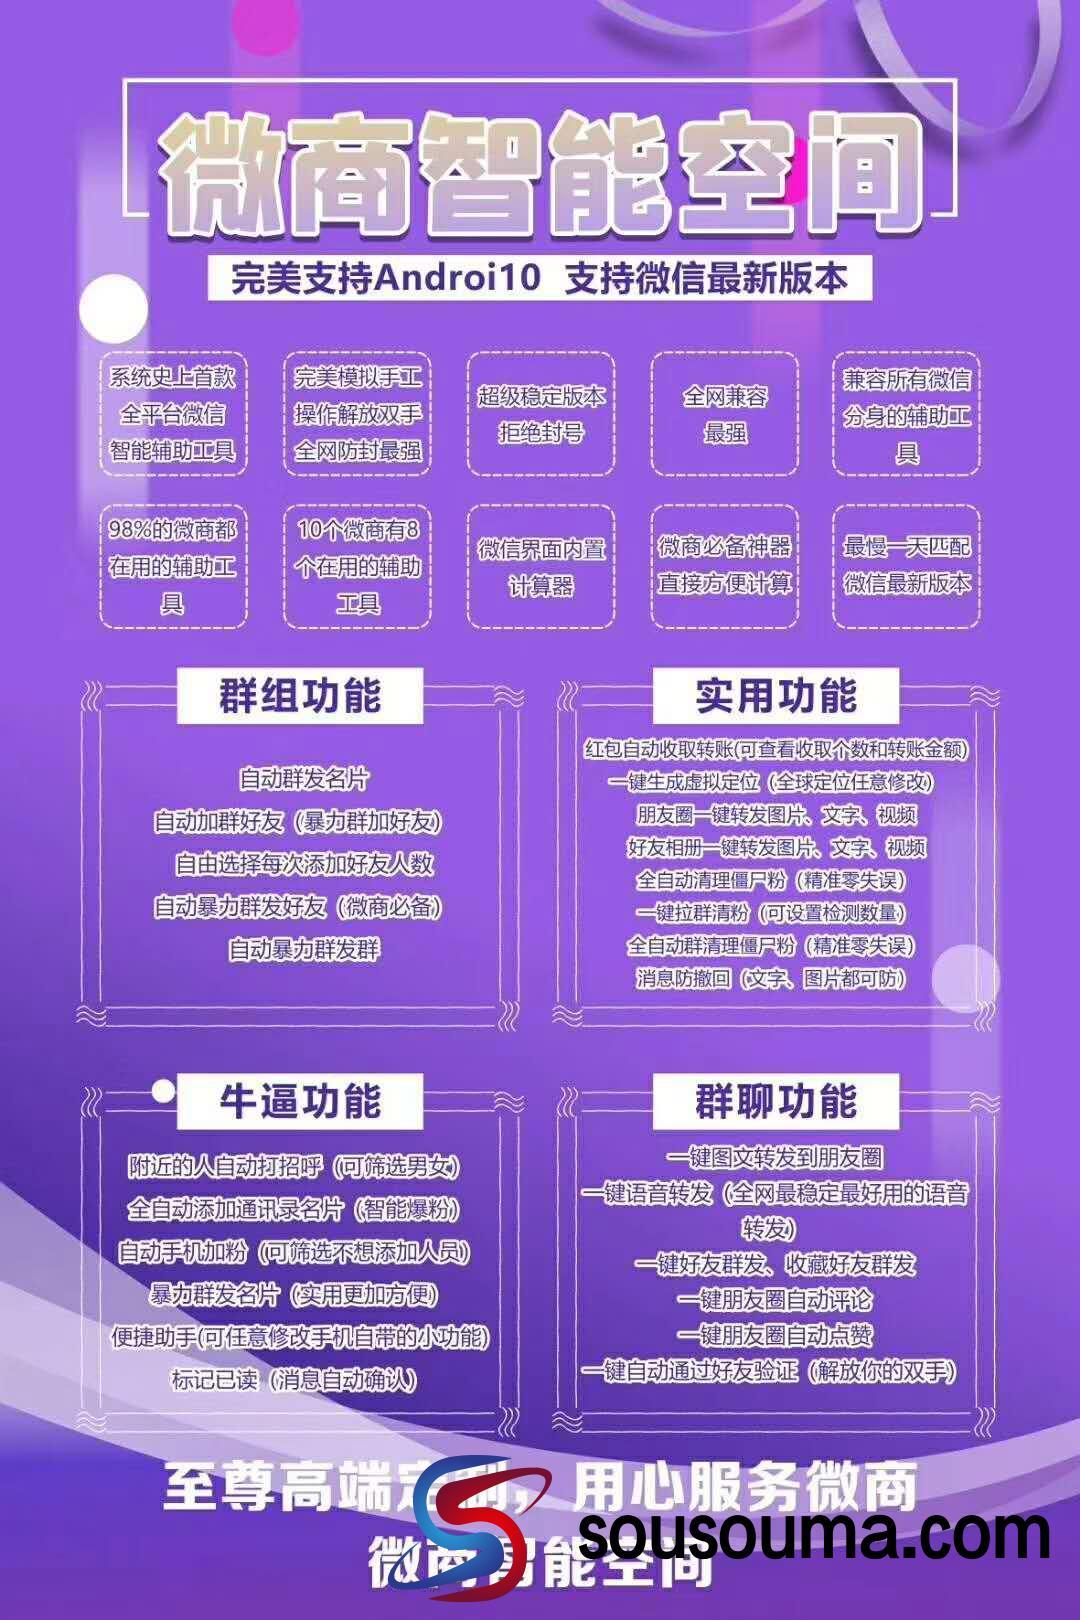 【微商智能空间官网】安卓多开分身一键转发支持安卓10系统